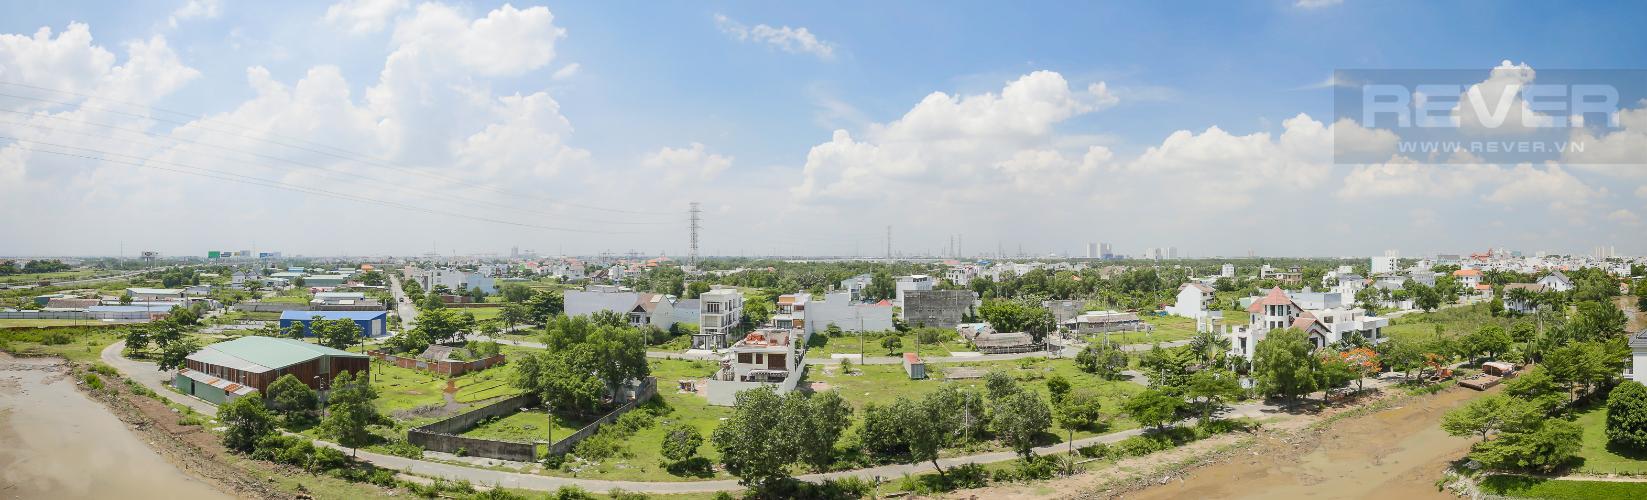 View Cho thuê căn hộ Jamila Khang Điền 2PN, block C, đầy đủ nội thất, view khu dân cư xanh mát